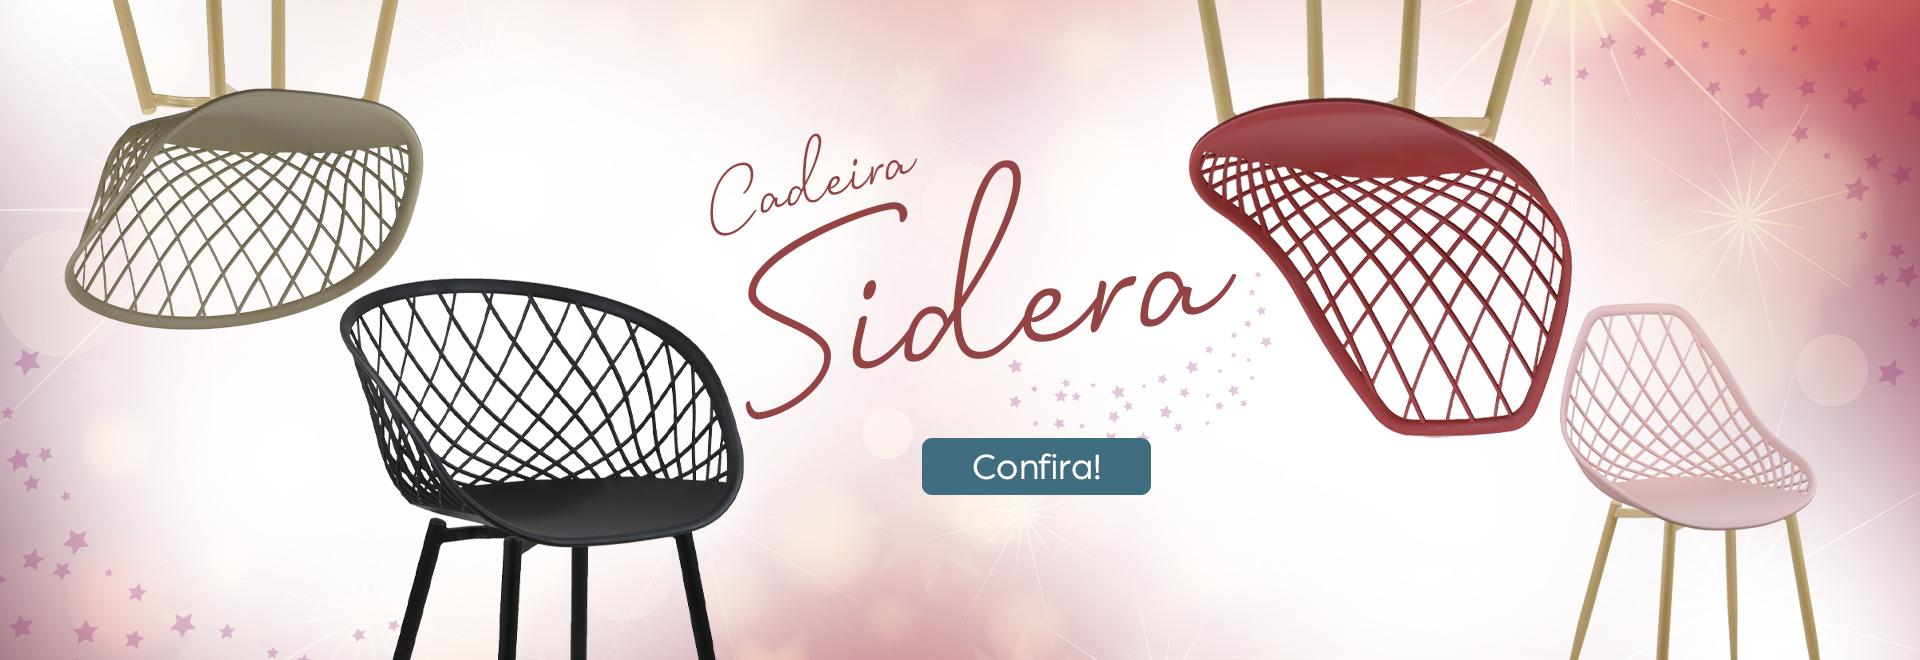 Sidera